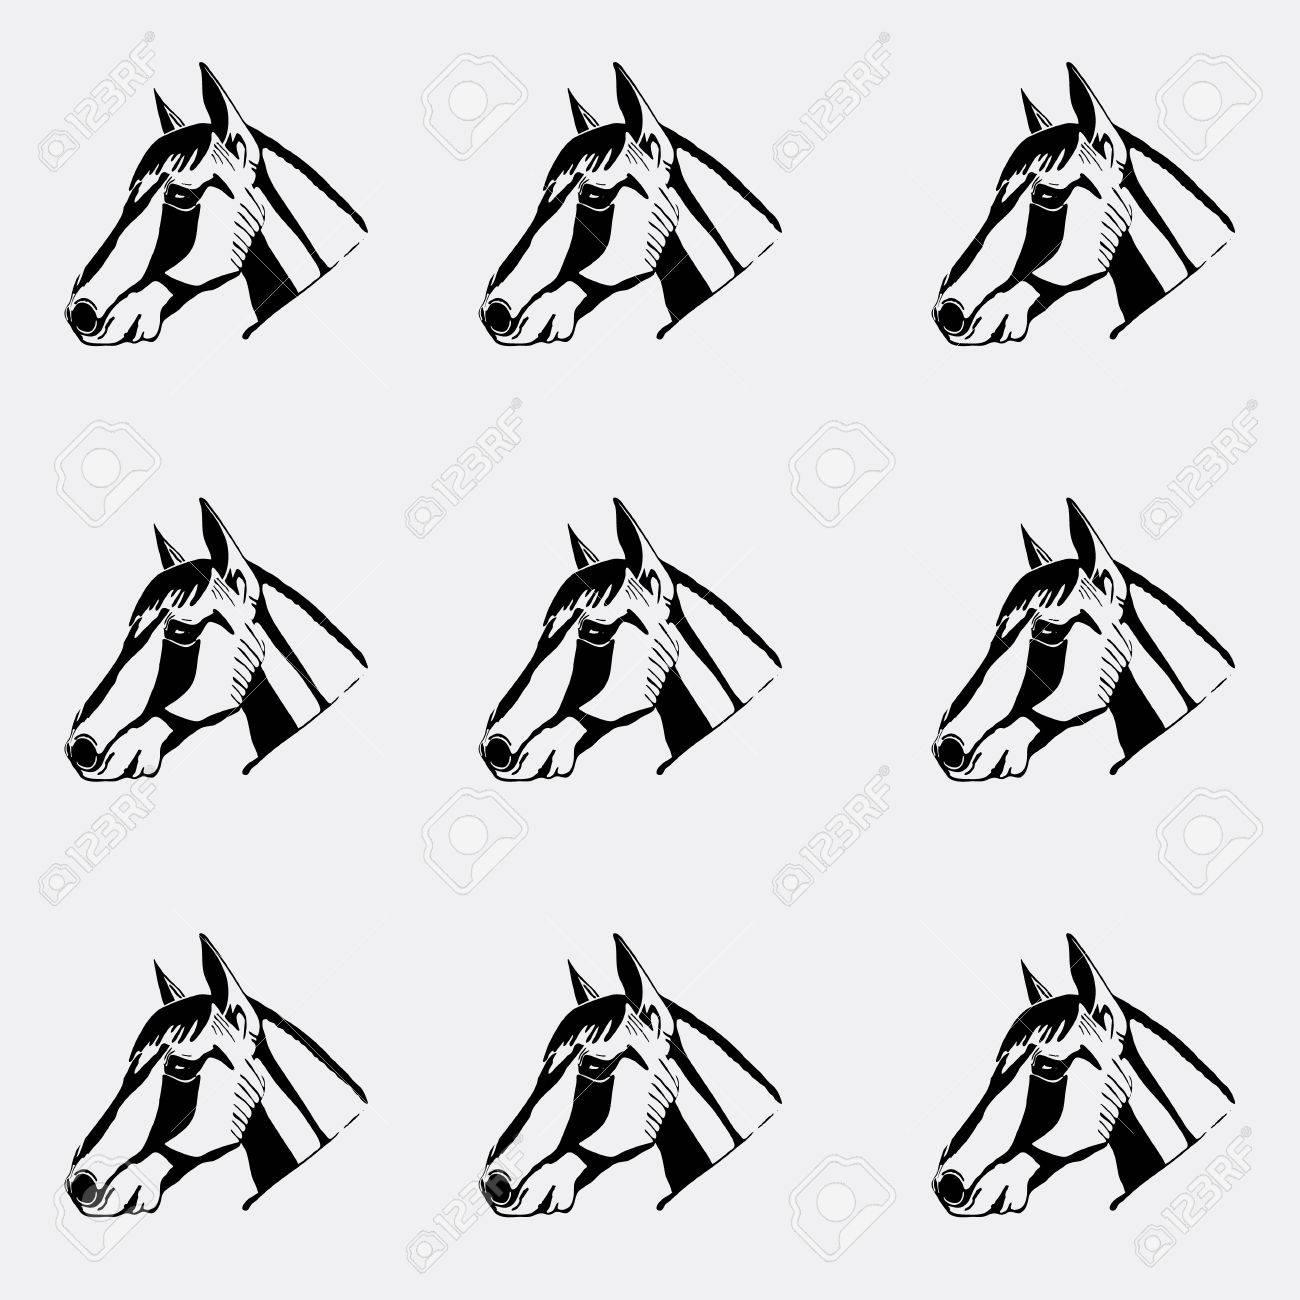 Muster Schwarz Weiss Schwarz Und Weiss Pferdekopf Handgezeichneten Stil Schablone Gravur Linolschnitt Stil Lizenzfrei Nutzbare Vektorgrafiken Clip Arts Illustrationen Image 67944479